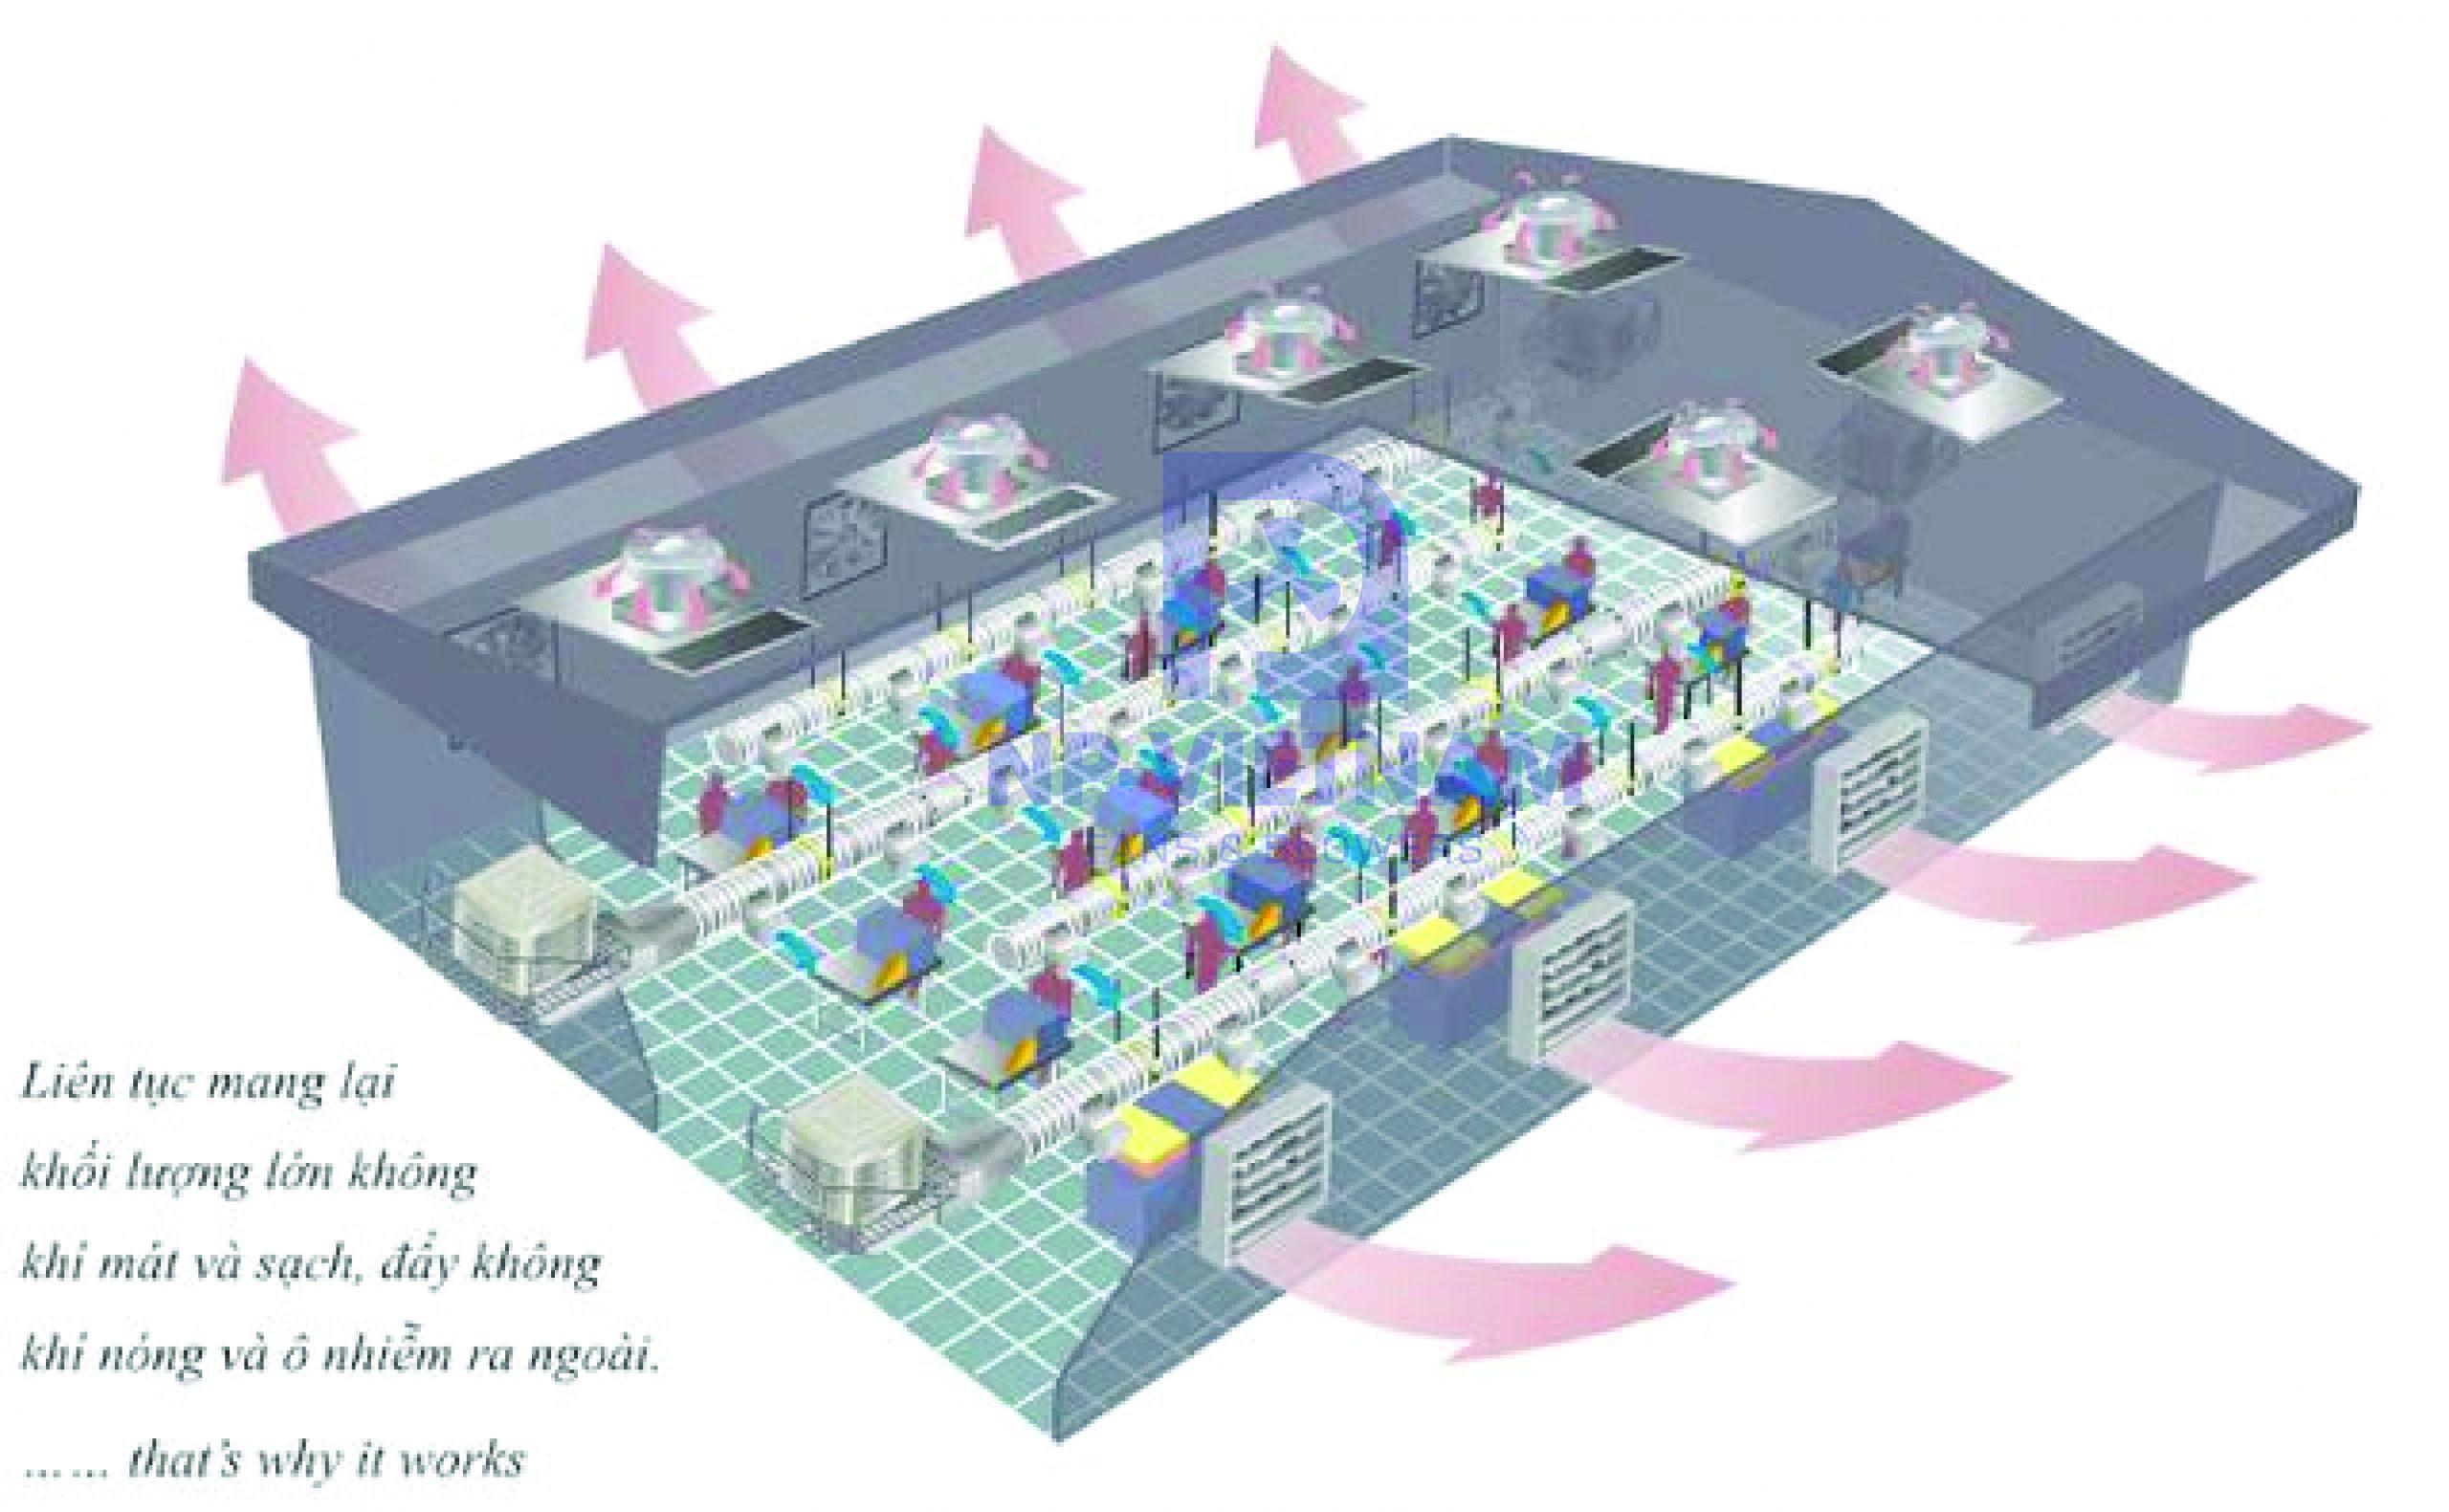 Hệ thống làm mát âm lắp quạt hút công nghiệp nako